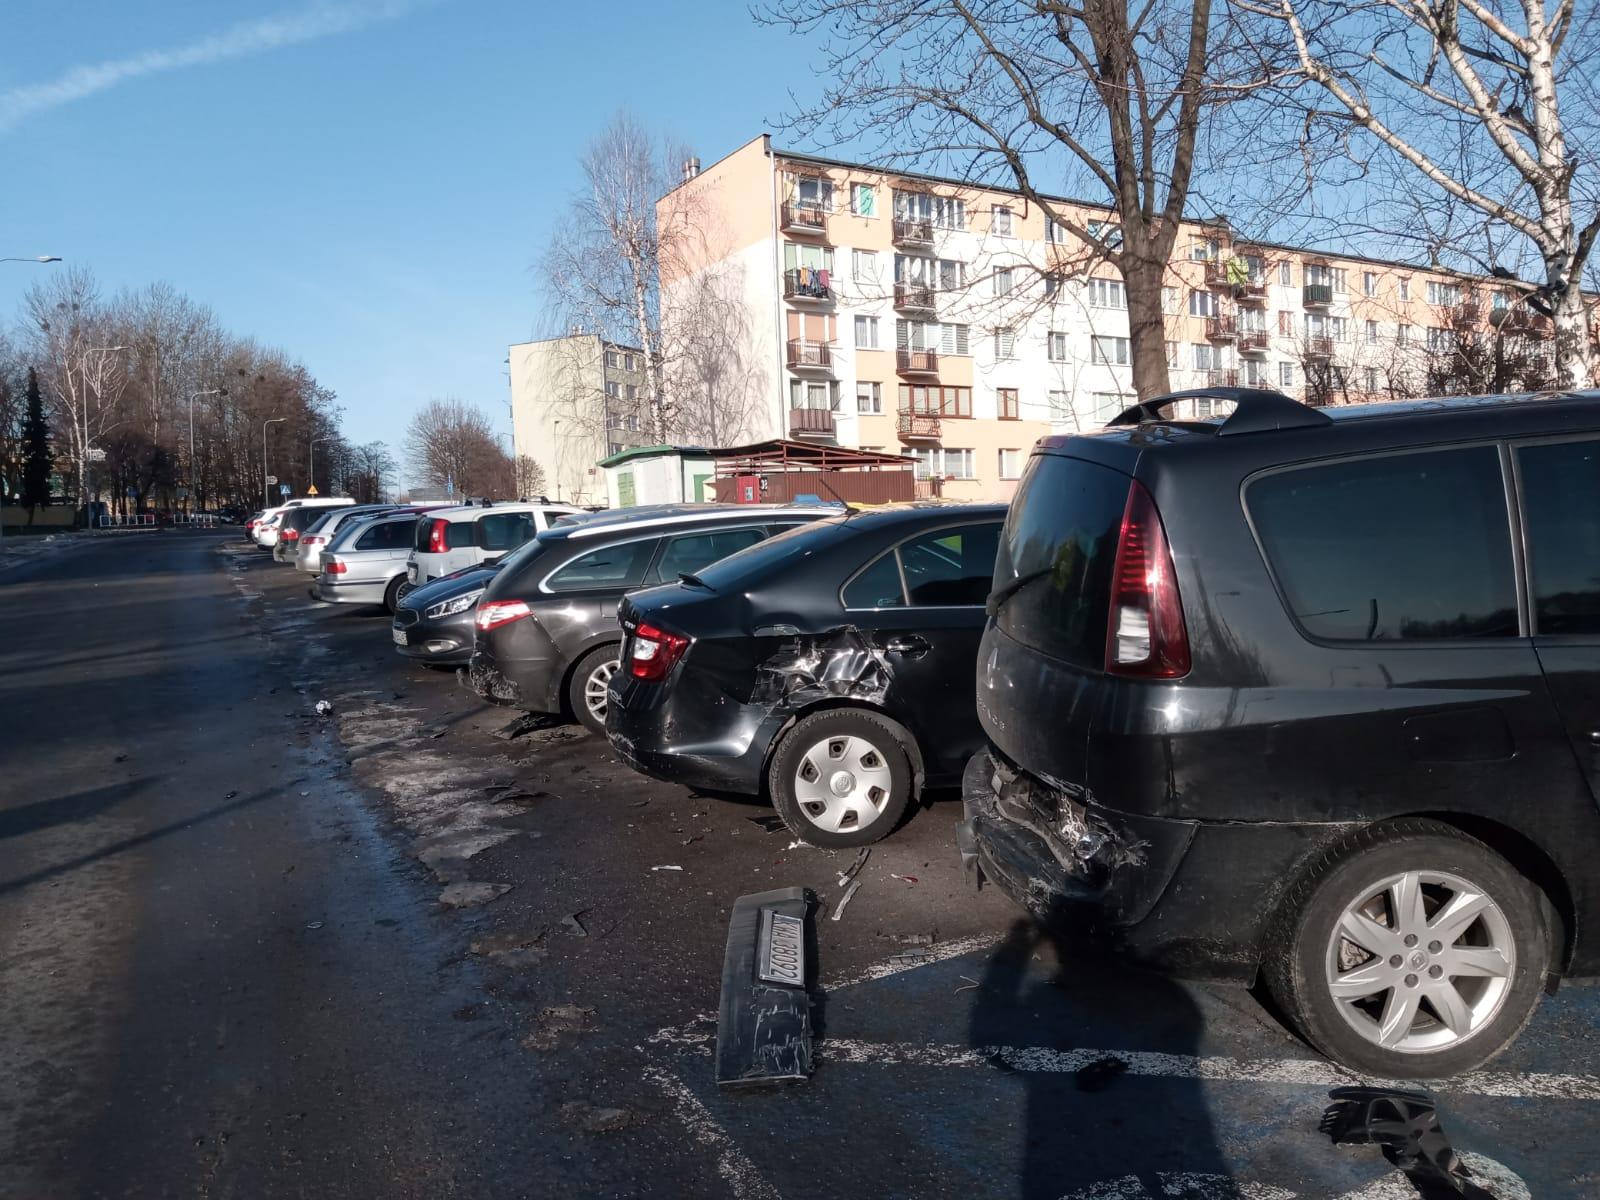 Demolka w Andrychowie. Kilka aut uszkodzonych [FOTO] [AKTUALIZACJA]